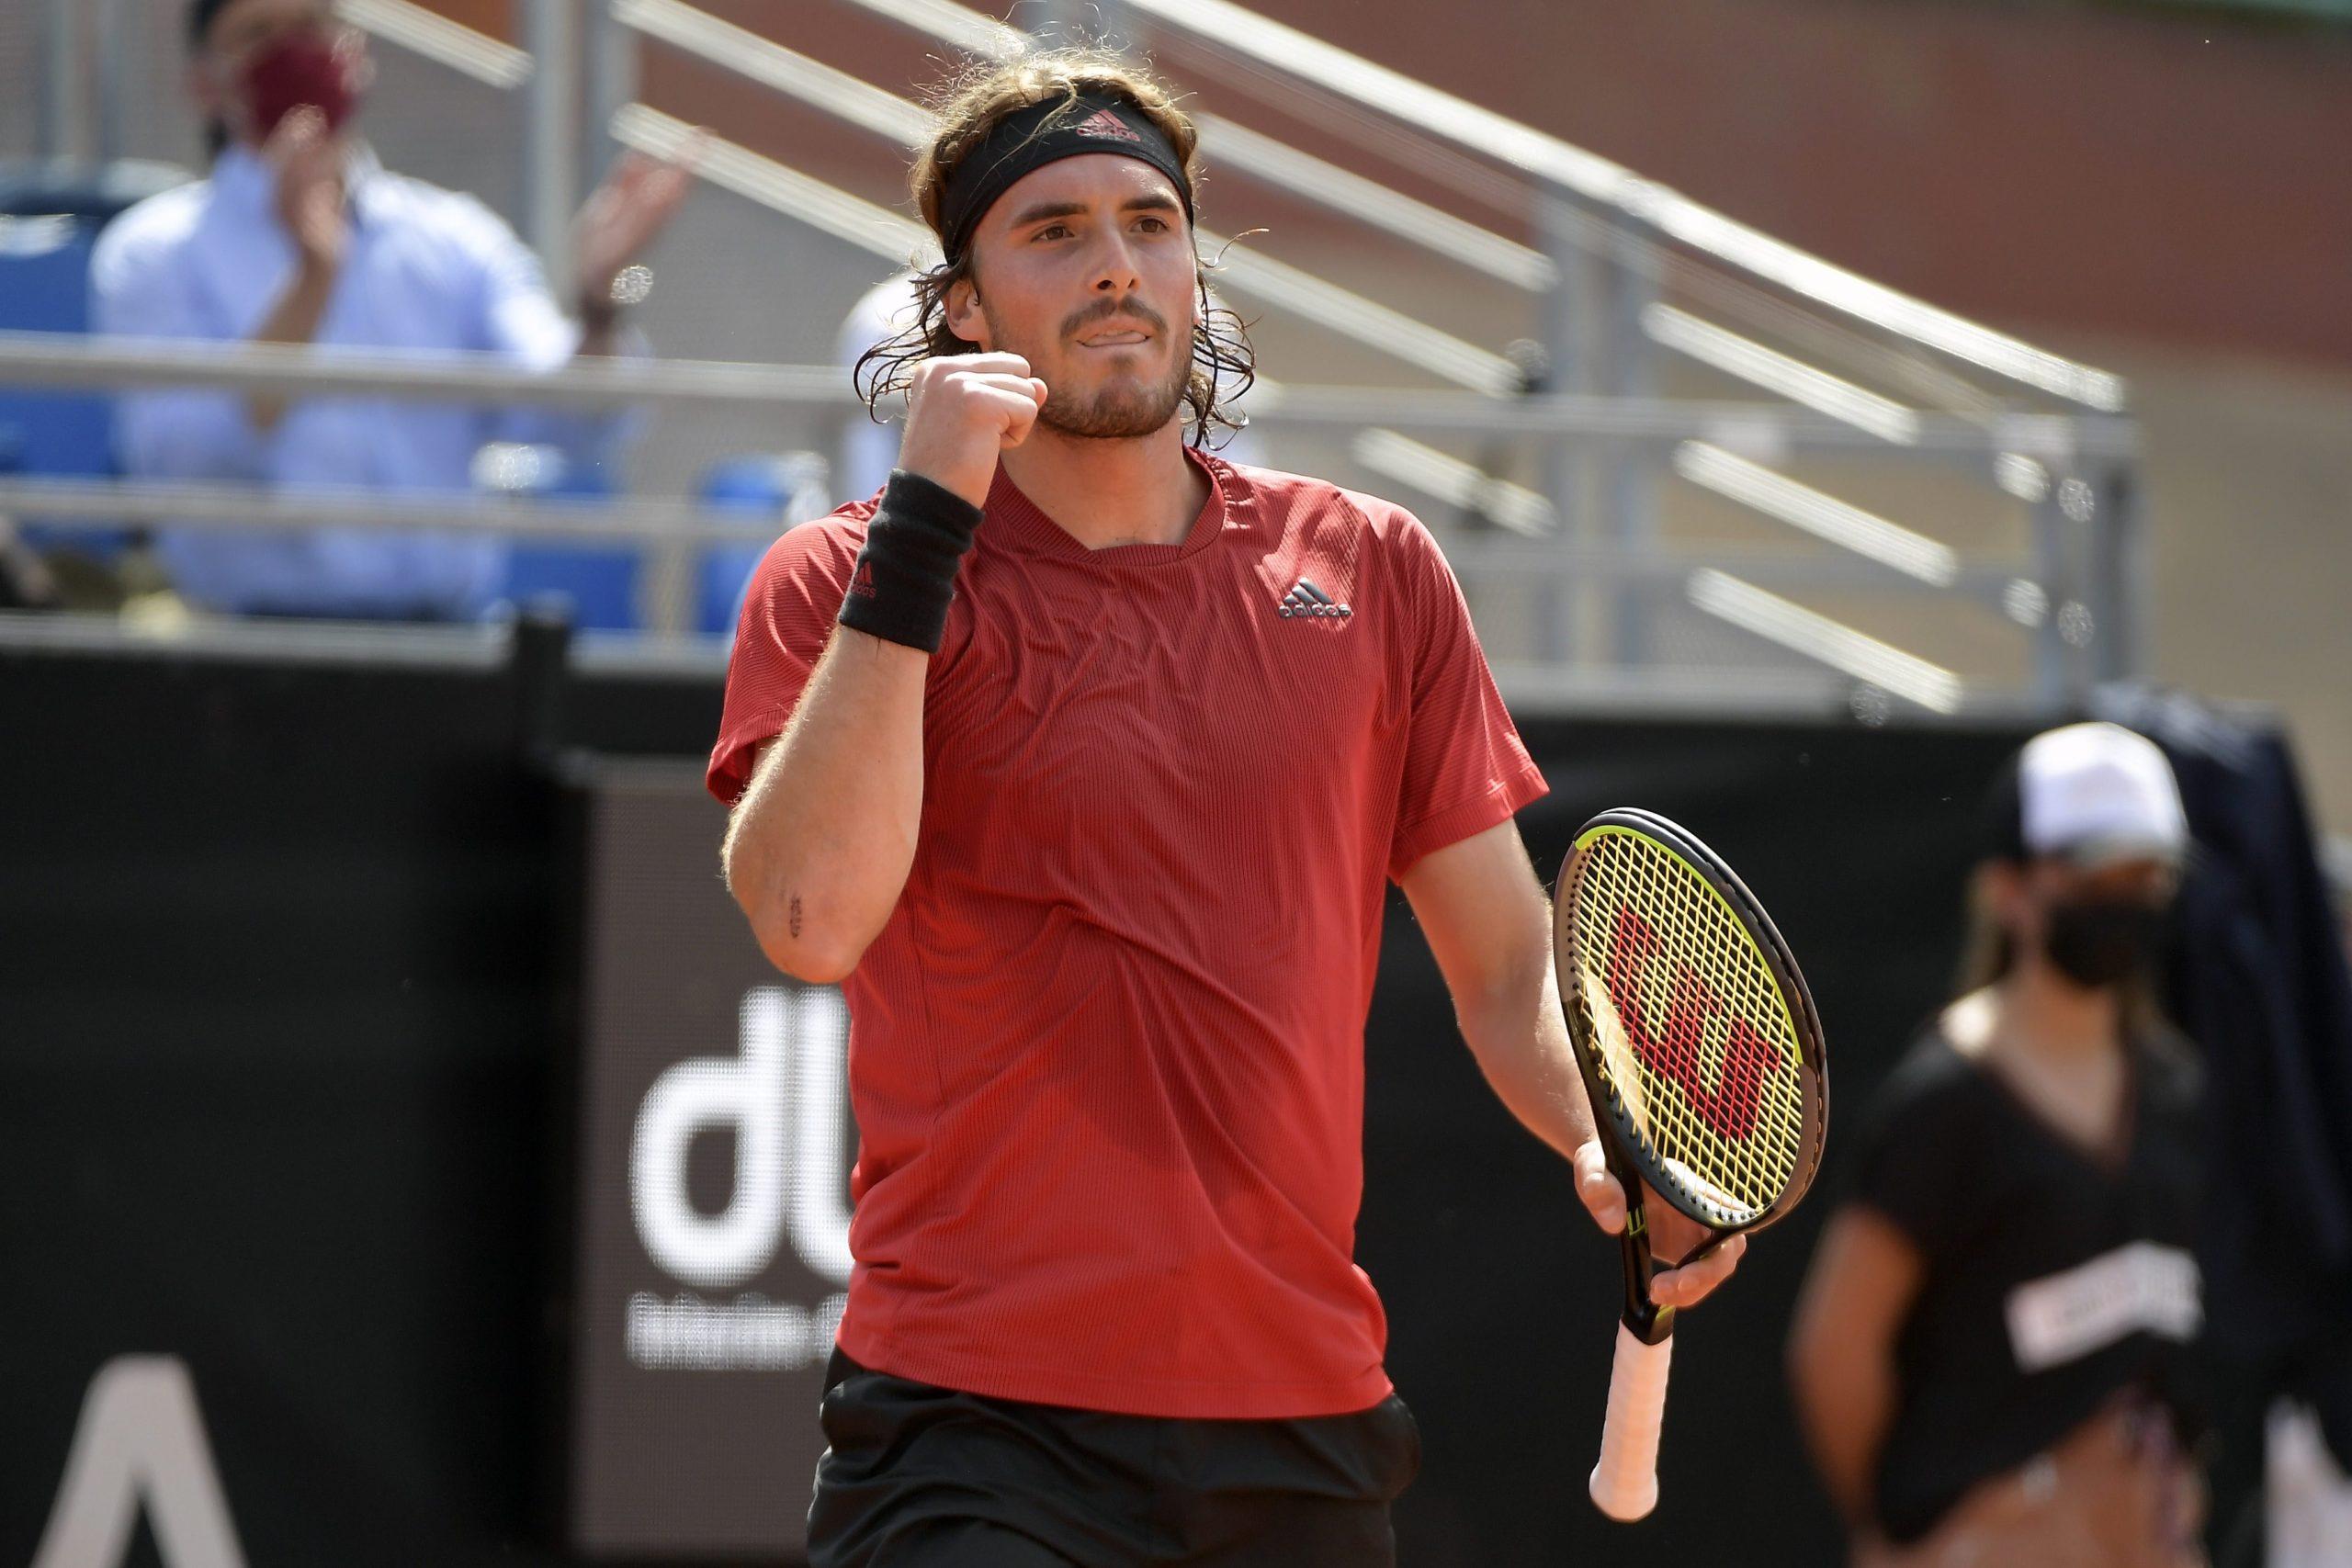 Lyon Open 2021: Stefanos Tsitsipas vs. Cameron Norrie Tennis Pick and Prediction